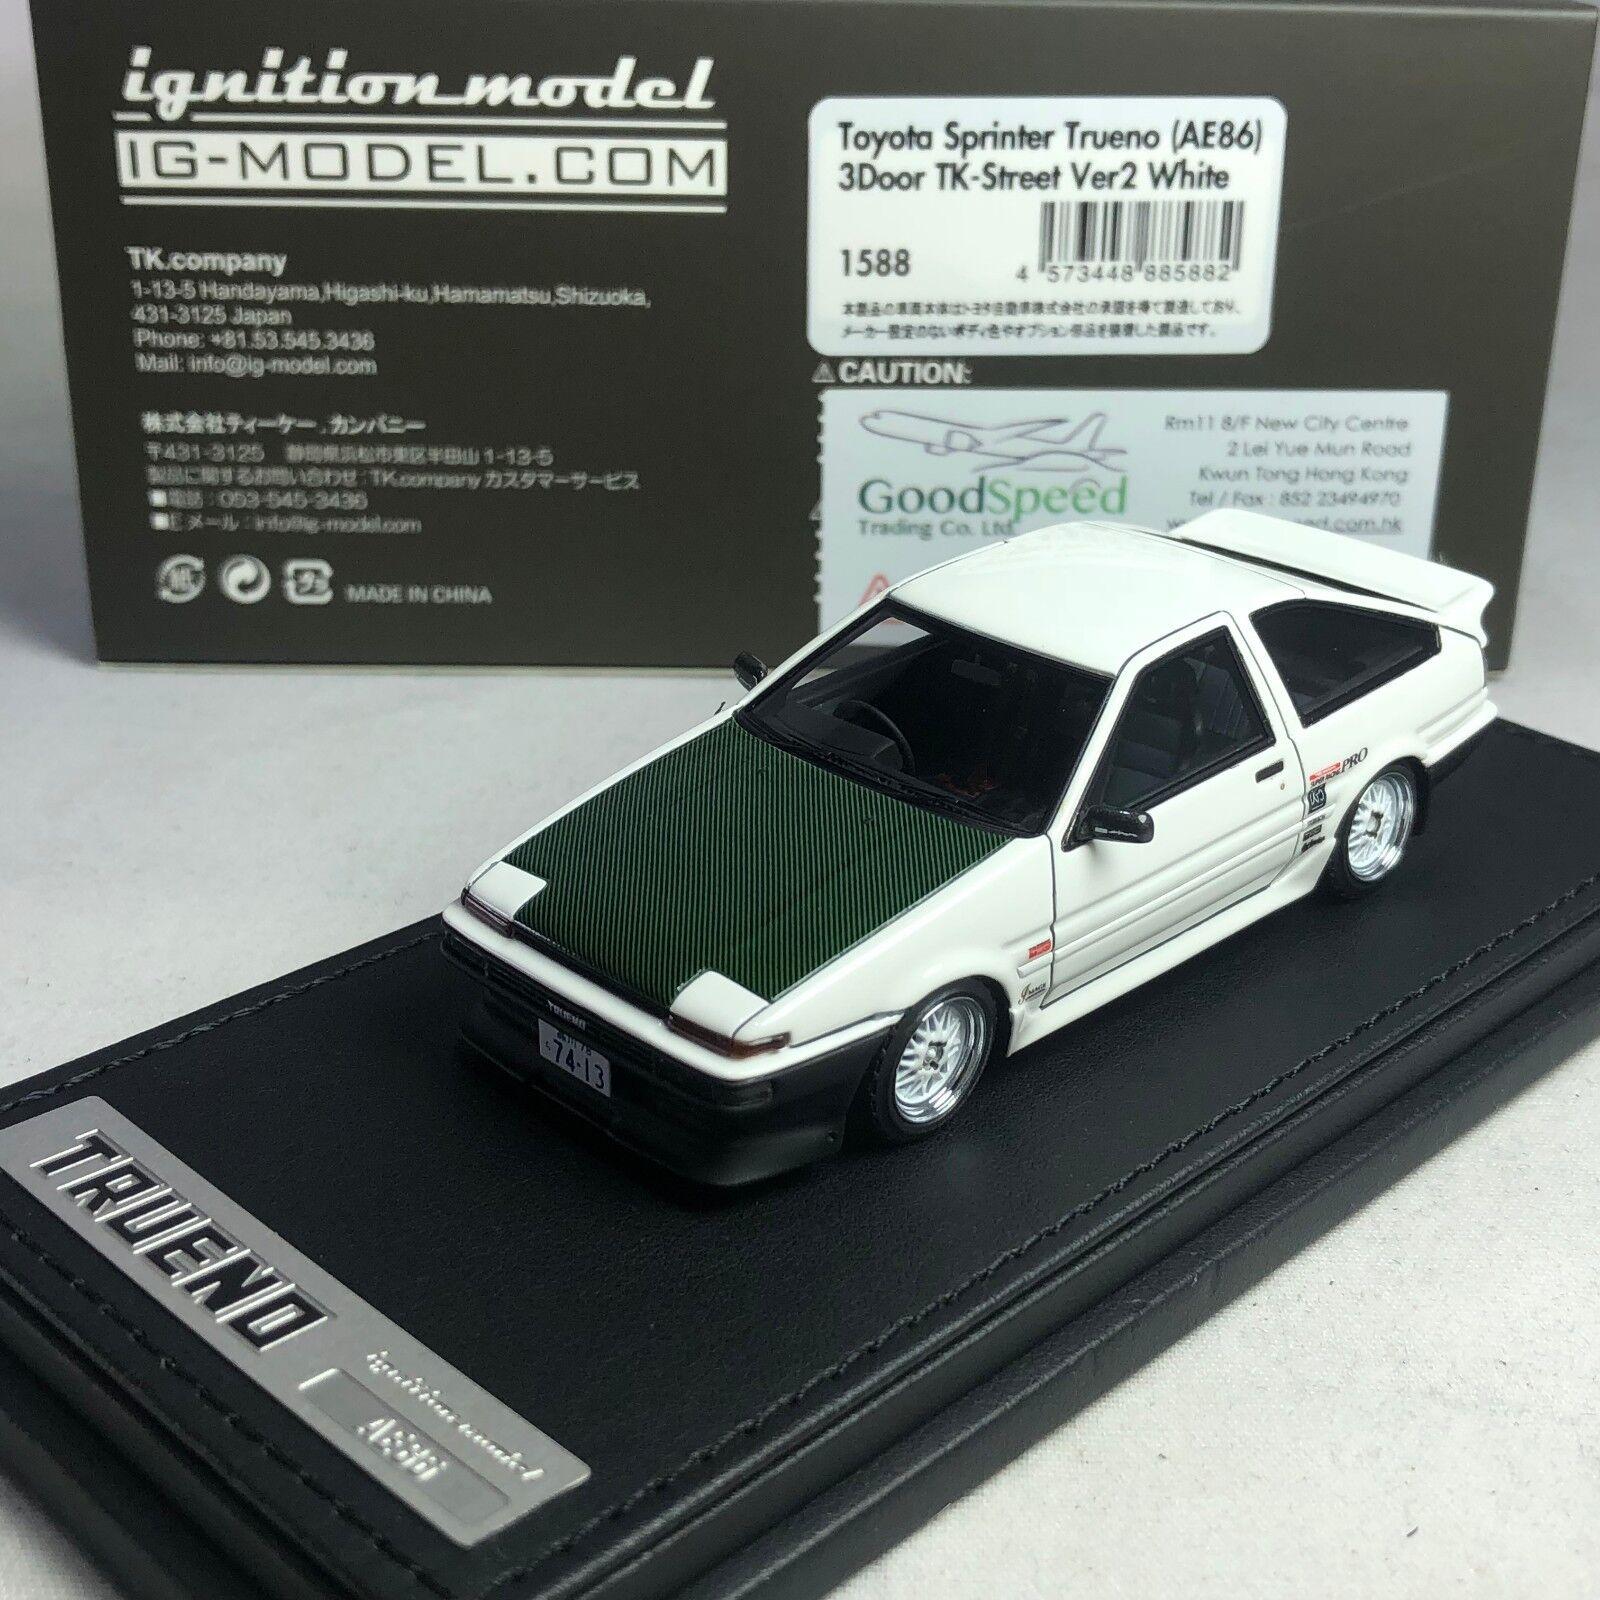 1/43 Hpi IG de encendido Toyota Sprinter Trueno (AE86) 3 puertas TK-Street Ver.2 IG1588